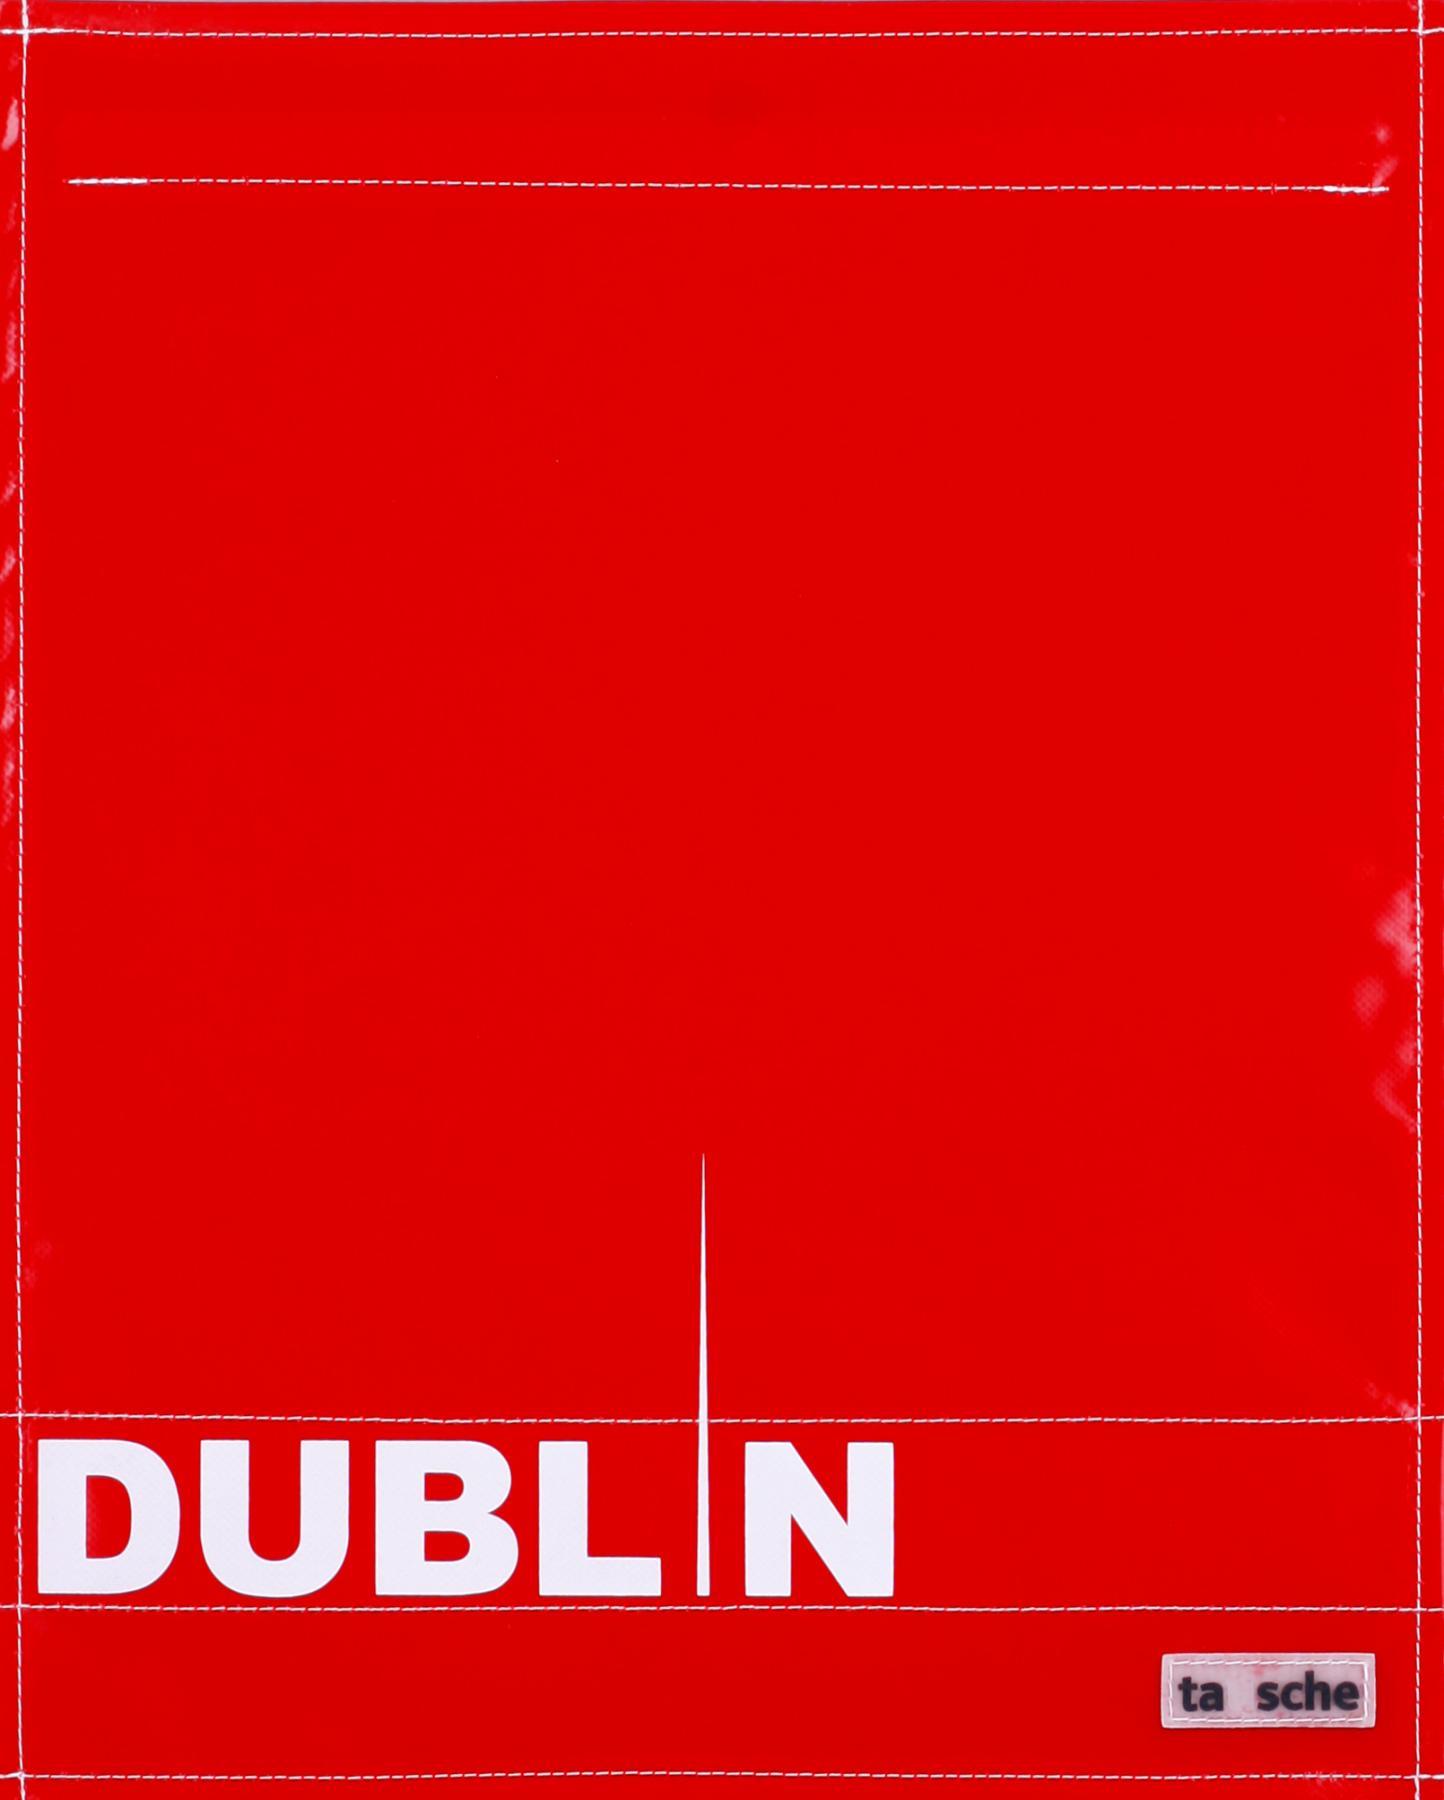 Dublin rot/weiß (groß)